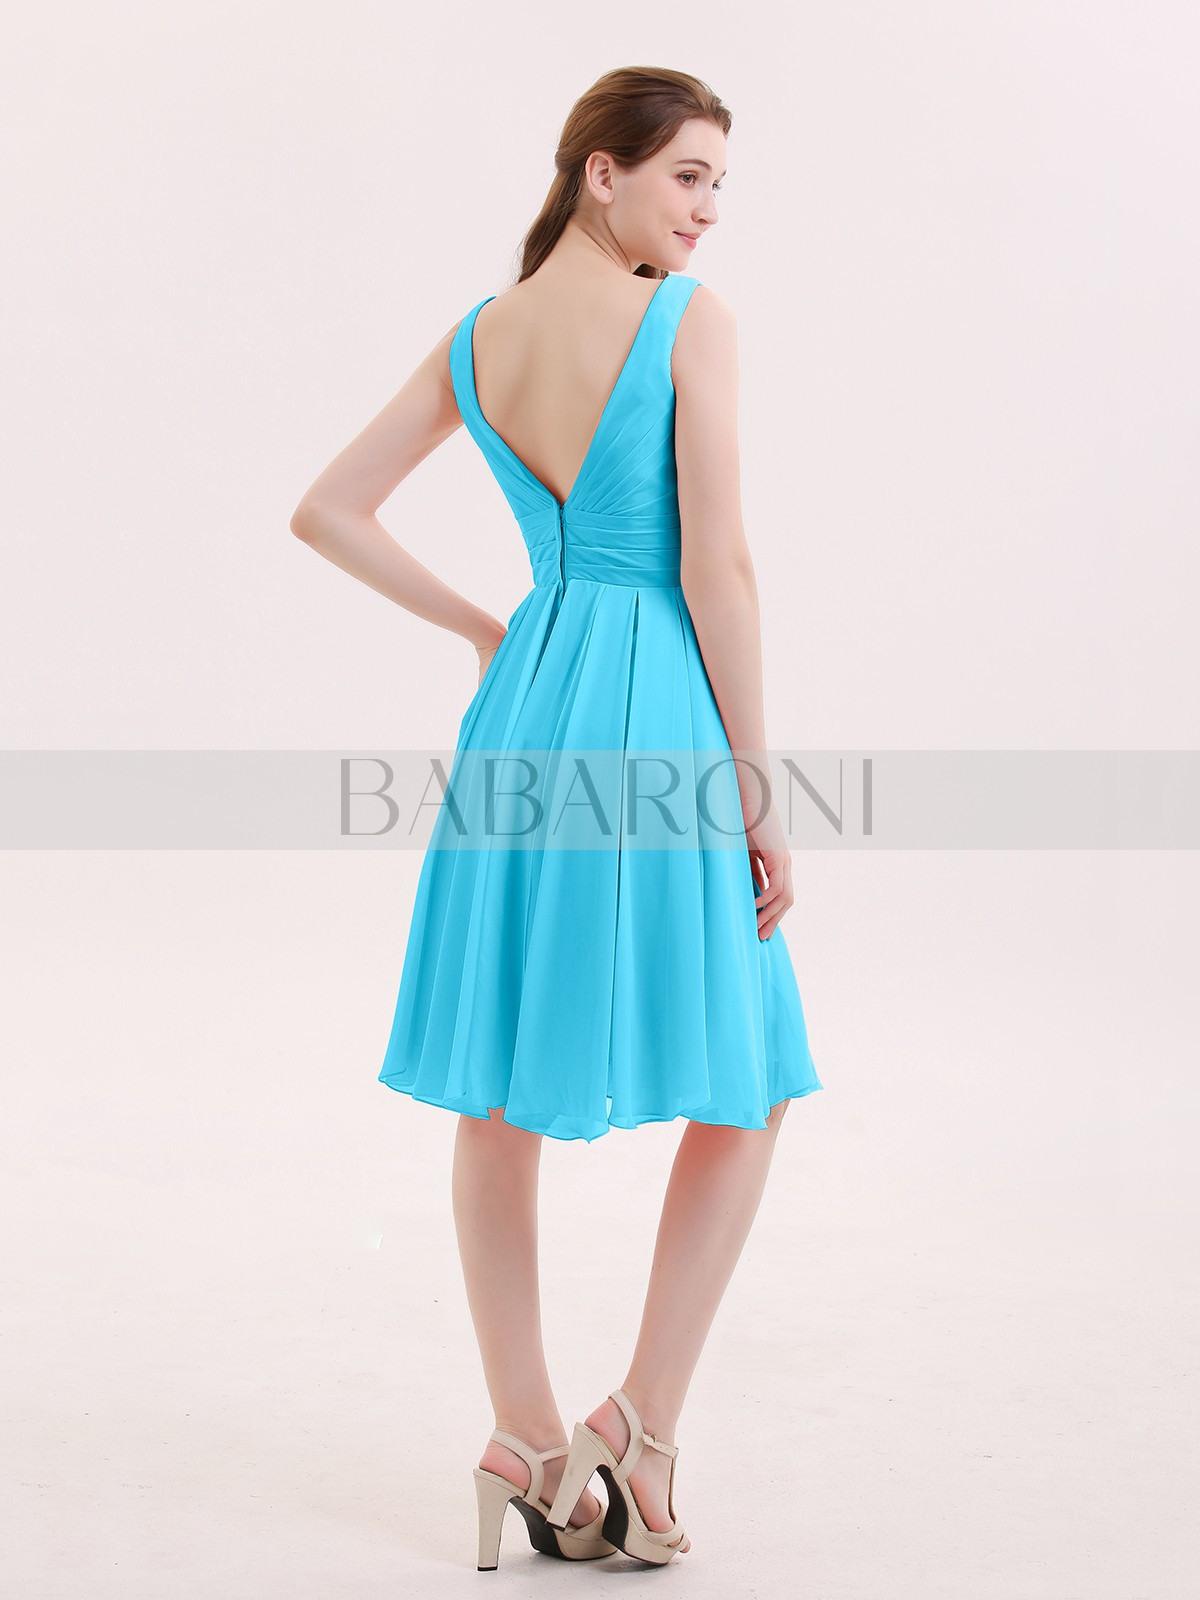 Schwimmbadblau Kurz Chiffon Kleid Mit Vausschnittline